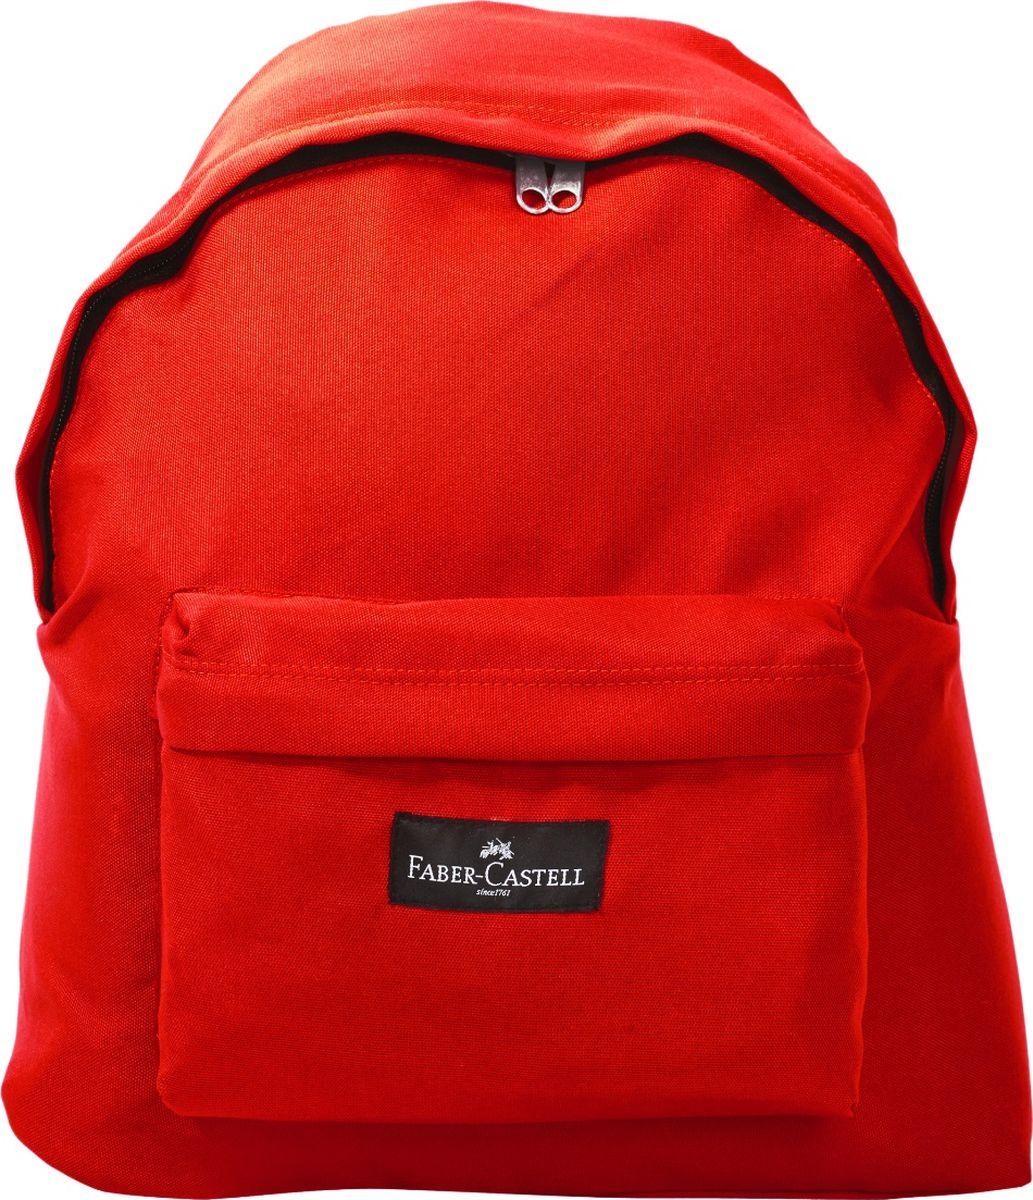 Faber-Castell Рюкзак цвет красный573221Рюкзак Faber-Castell имеет одно большое основное отделение на застежке-молнии и карман на лицевой стороне. У рюкзака удобные лямки.Изделие выполнено текстильных материалов с водоотталкивающим покрытием.